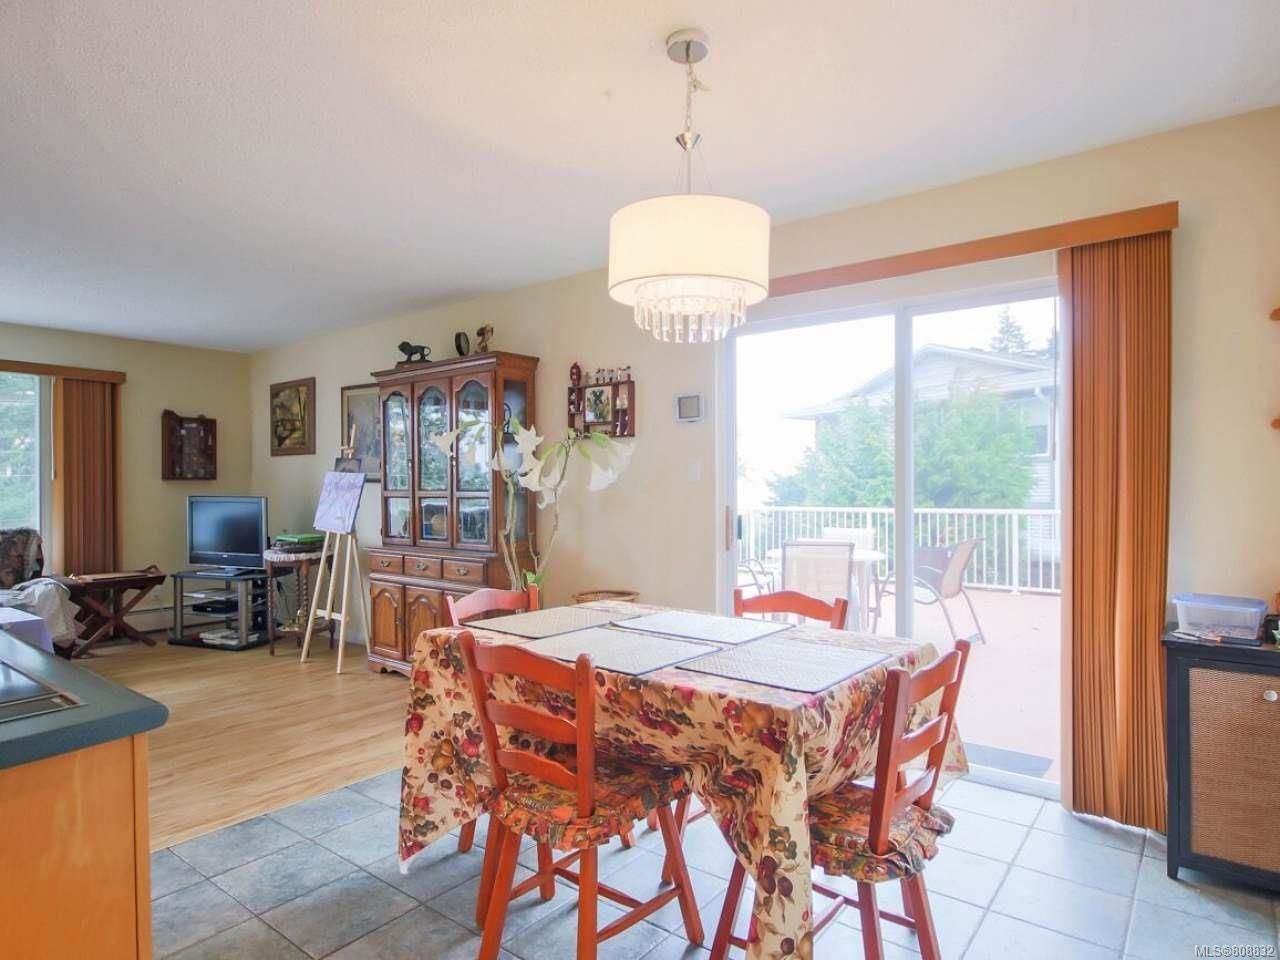 Photo 7: Photos: 5407 Lost Lake Rd in NANAIMO: Na North Nanaimo House for sale (Nanaimo)  : MLS®# 808832